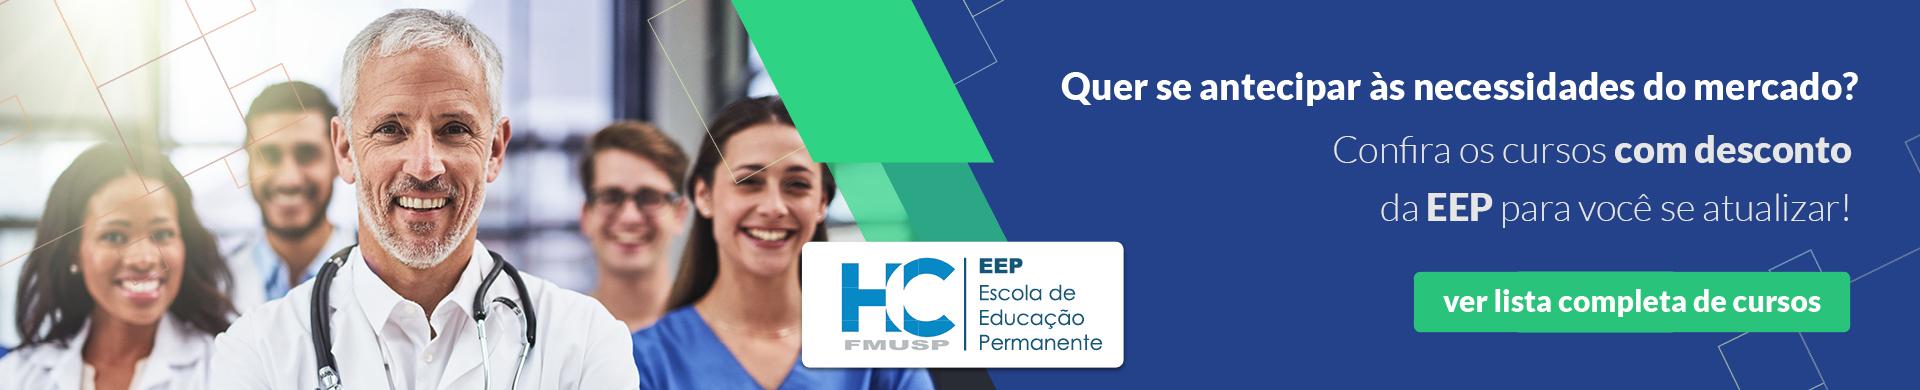 Promoção EEP